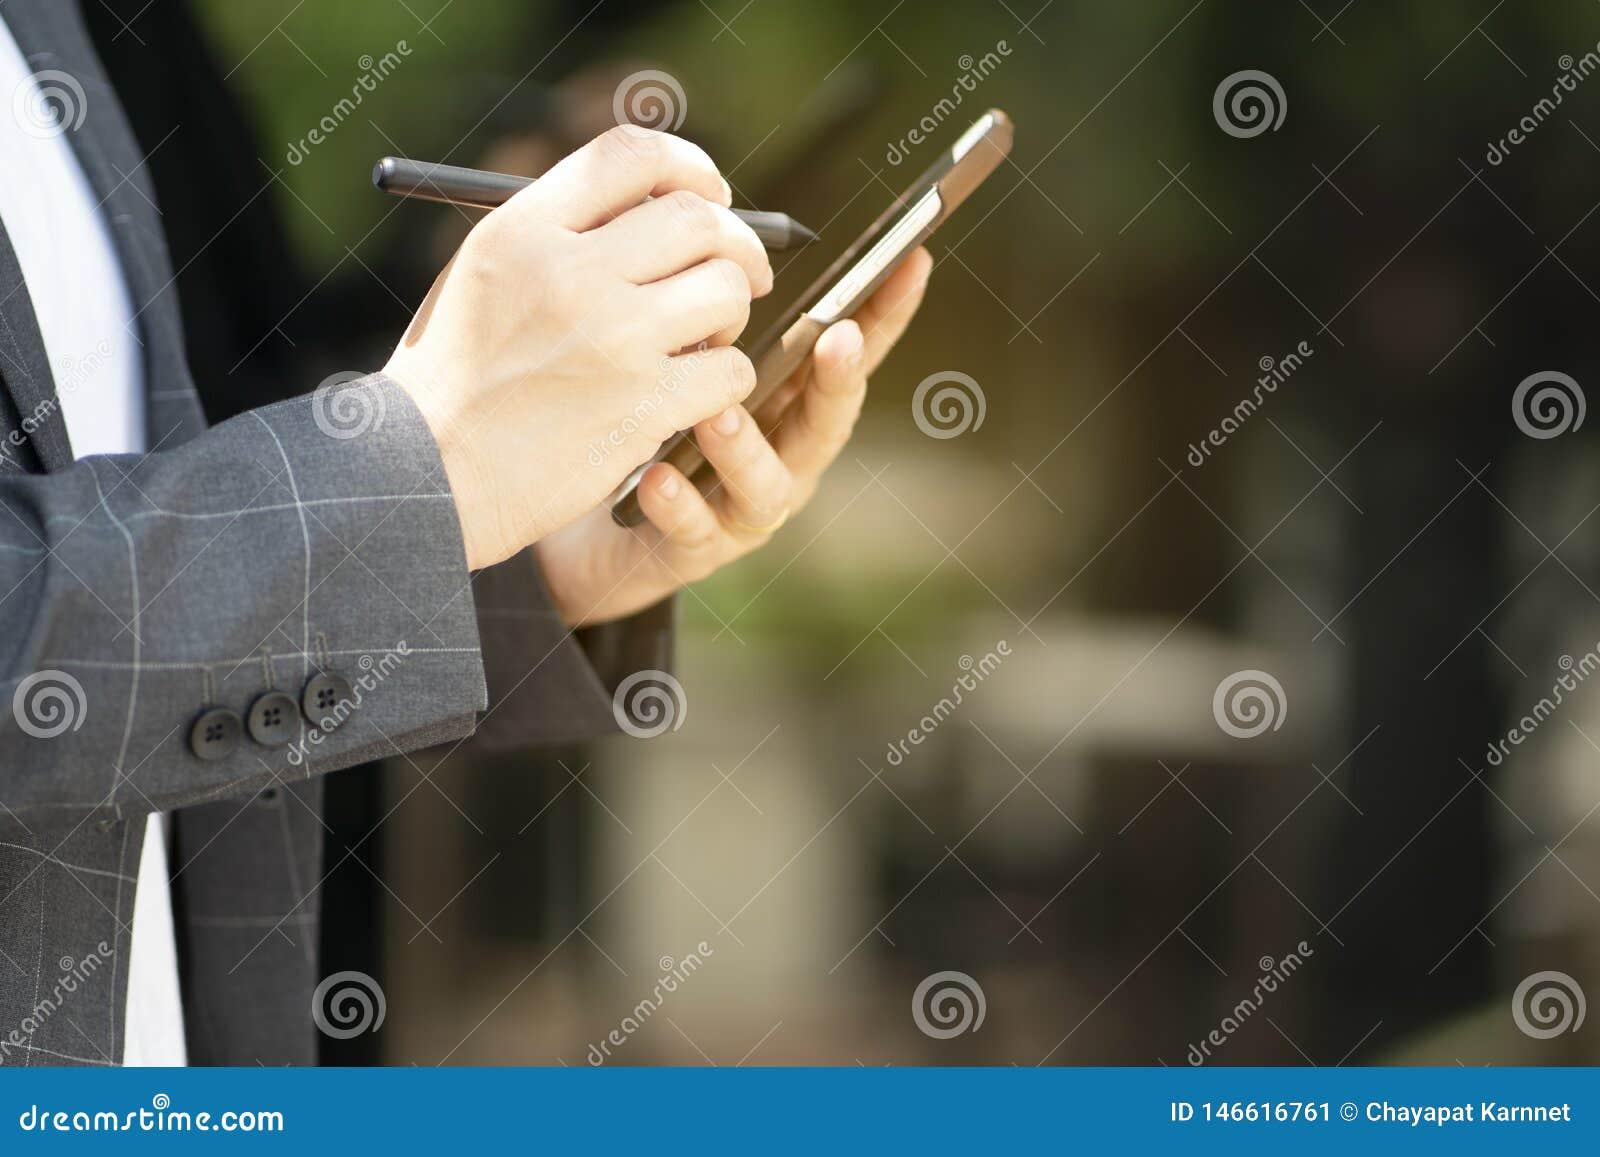 Предварительное сообщение делает сделки легкий с социальными системами сети